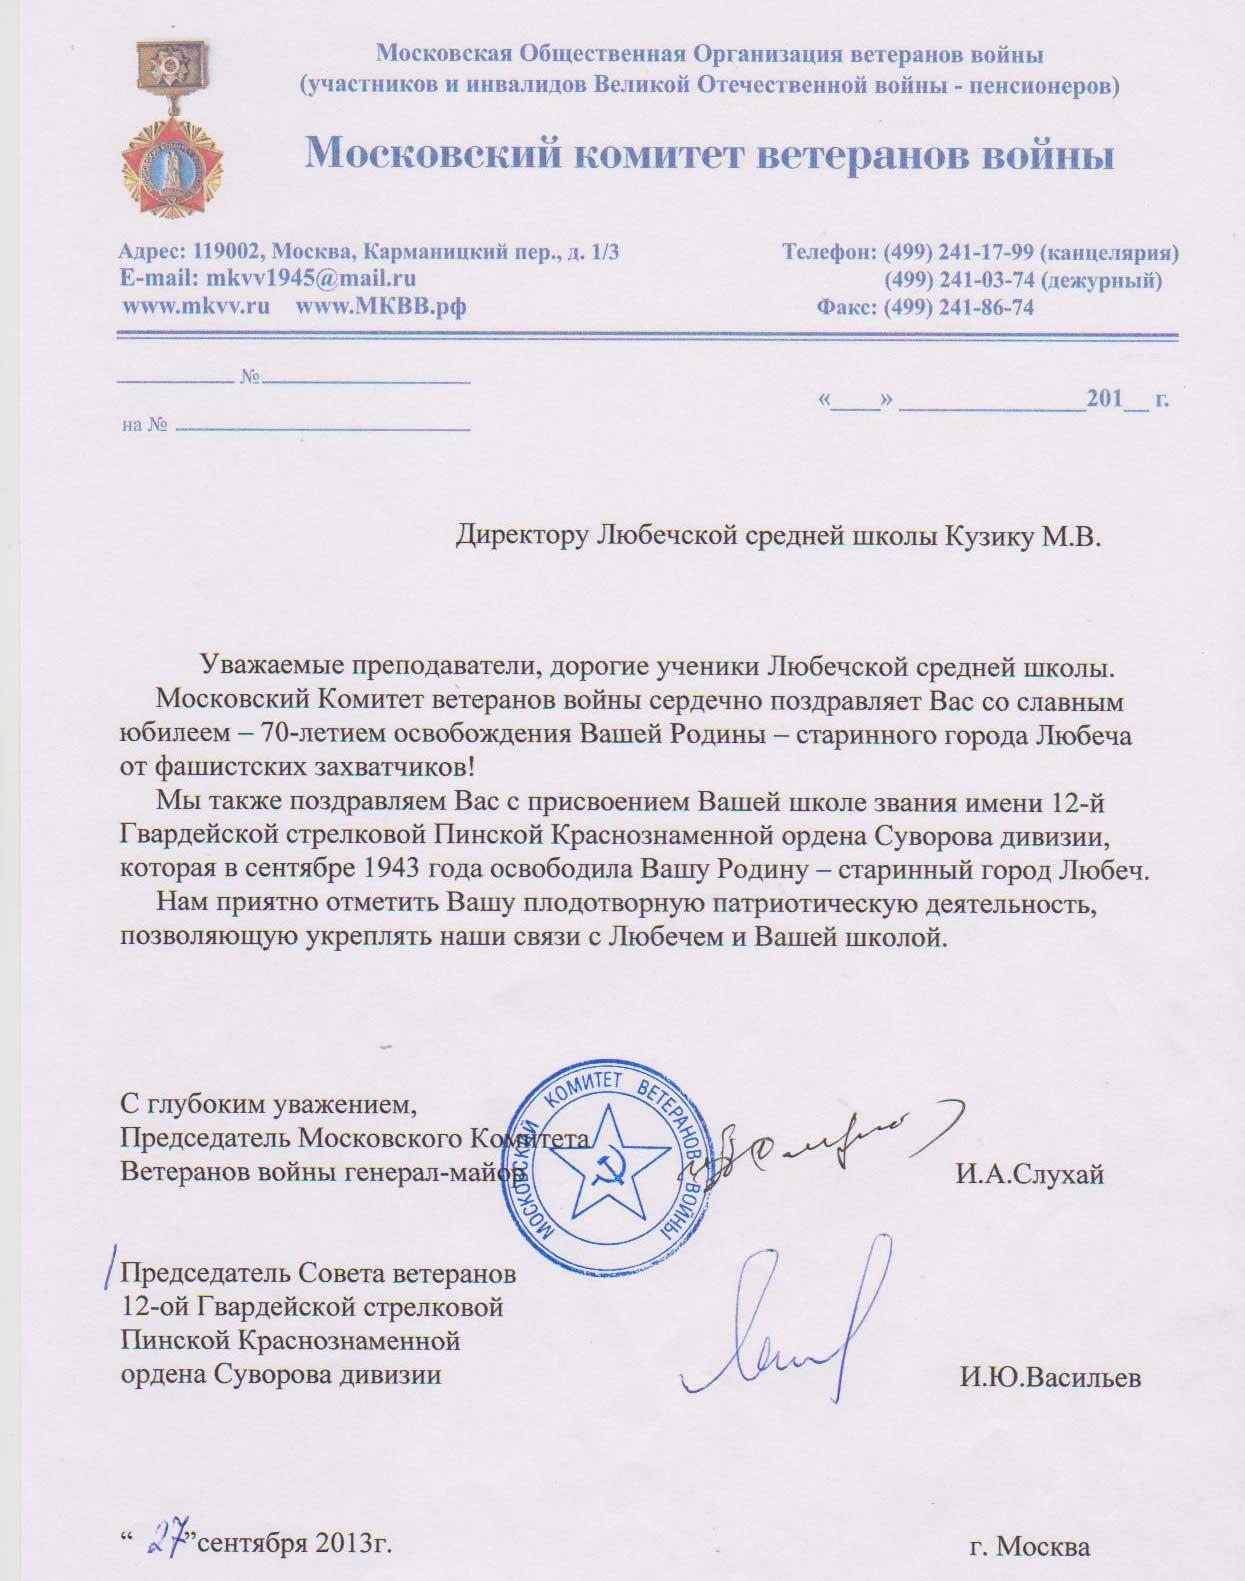 Вітальний лист Московського комітету ветеранів війни